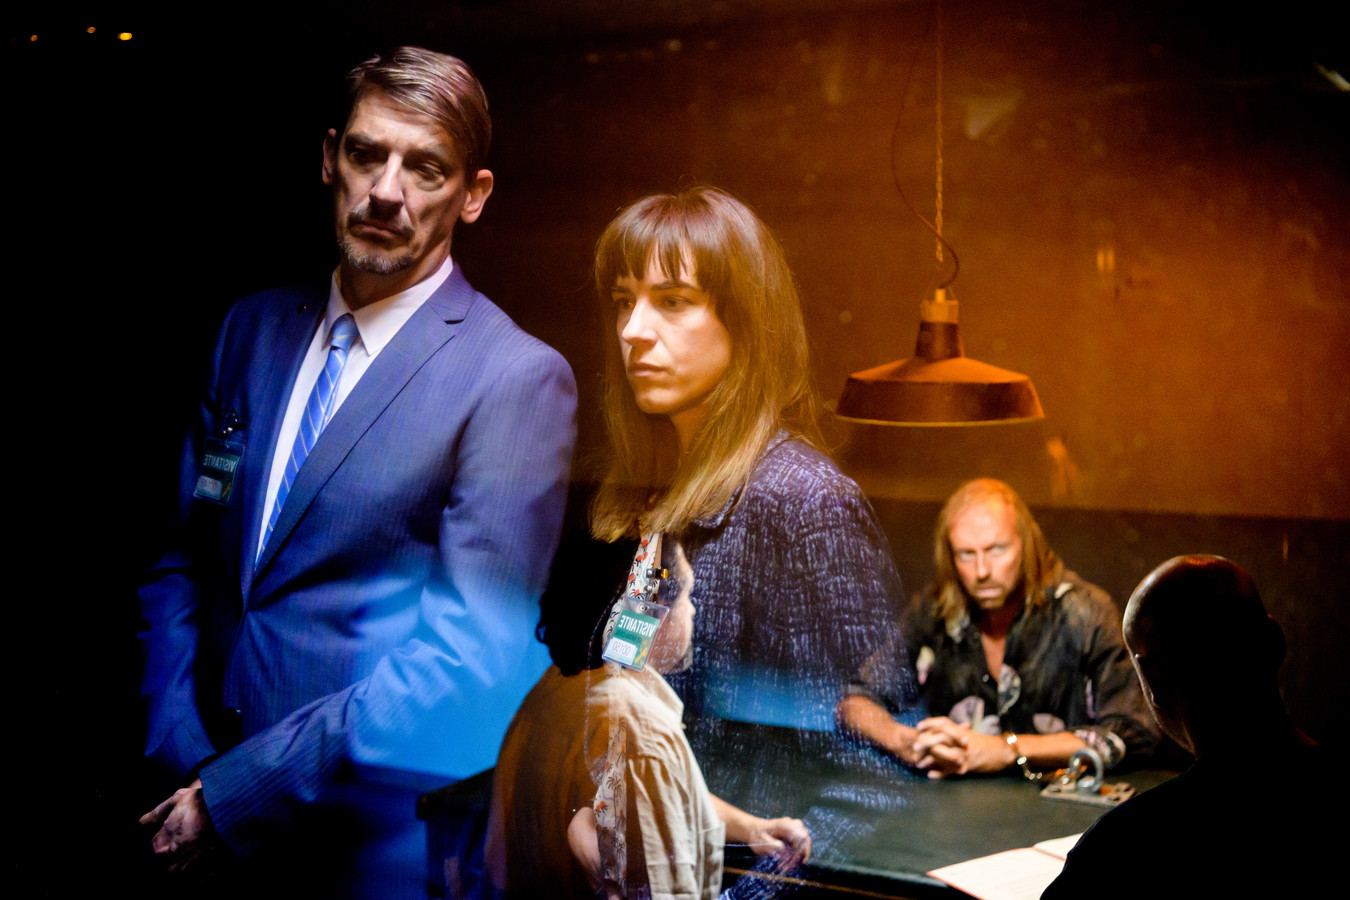 De Infiltrant ; seizoen 1 vanaf maandag 5 februari 2018 bij VTM. Op de foto : Peter Van Den Begin (Marc Potvin) en Natali Broods (Karen Hofman).